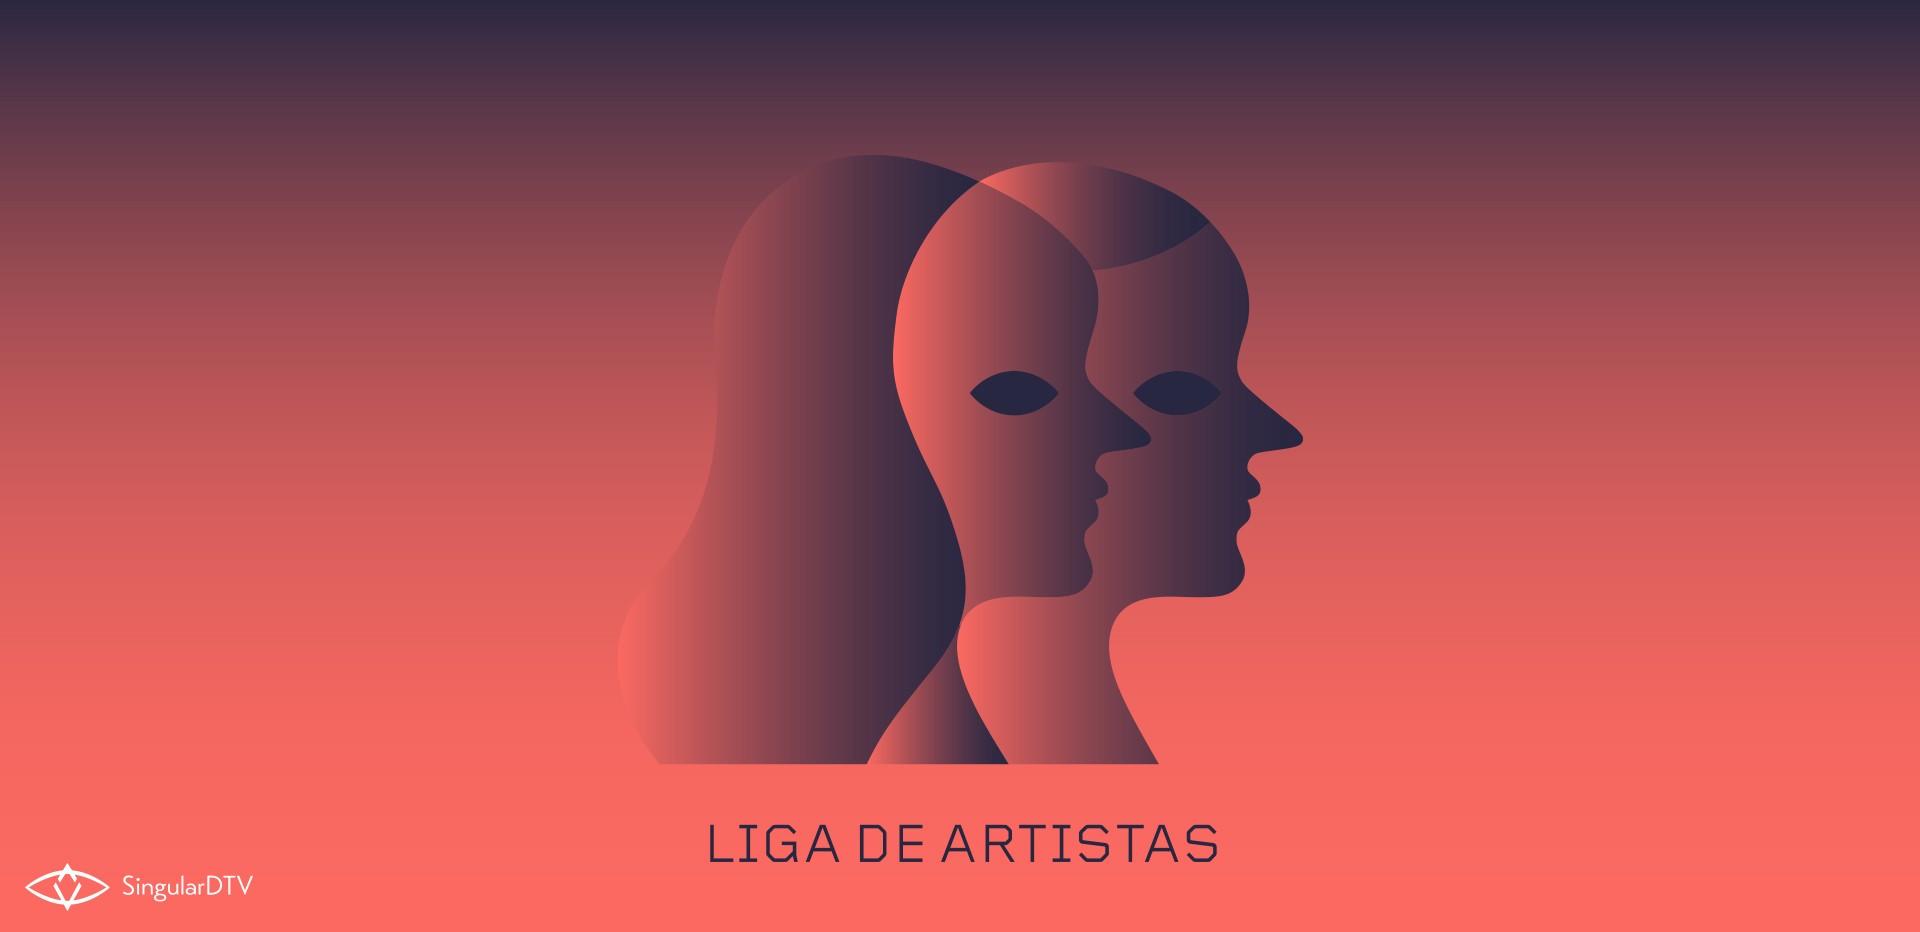 aplicaciones-singulardtv-liga de artistas-puerto rico-caribe